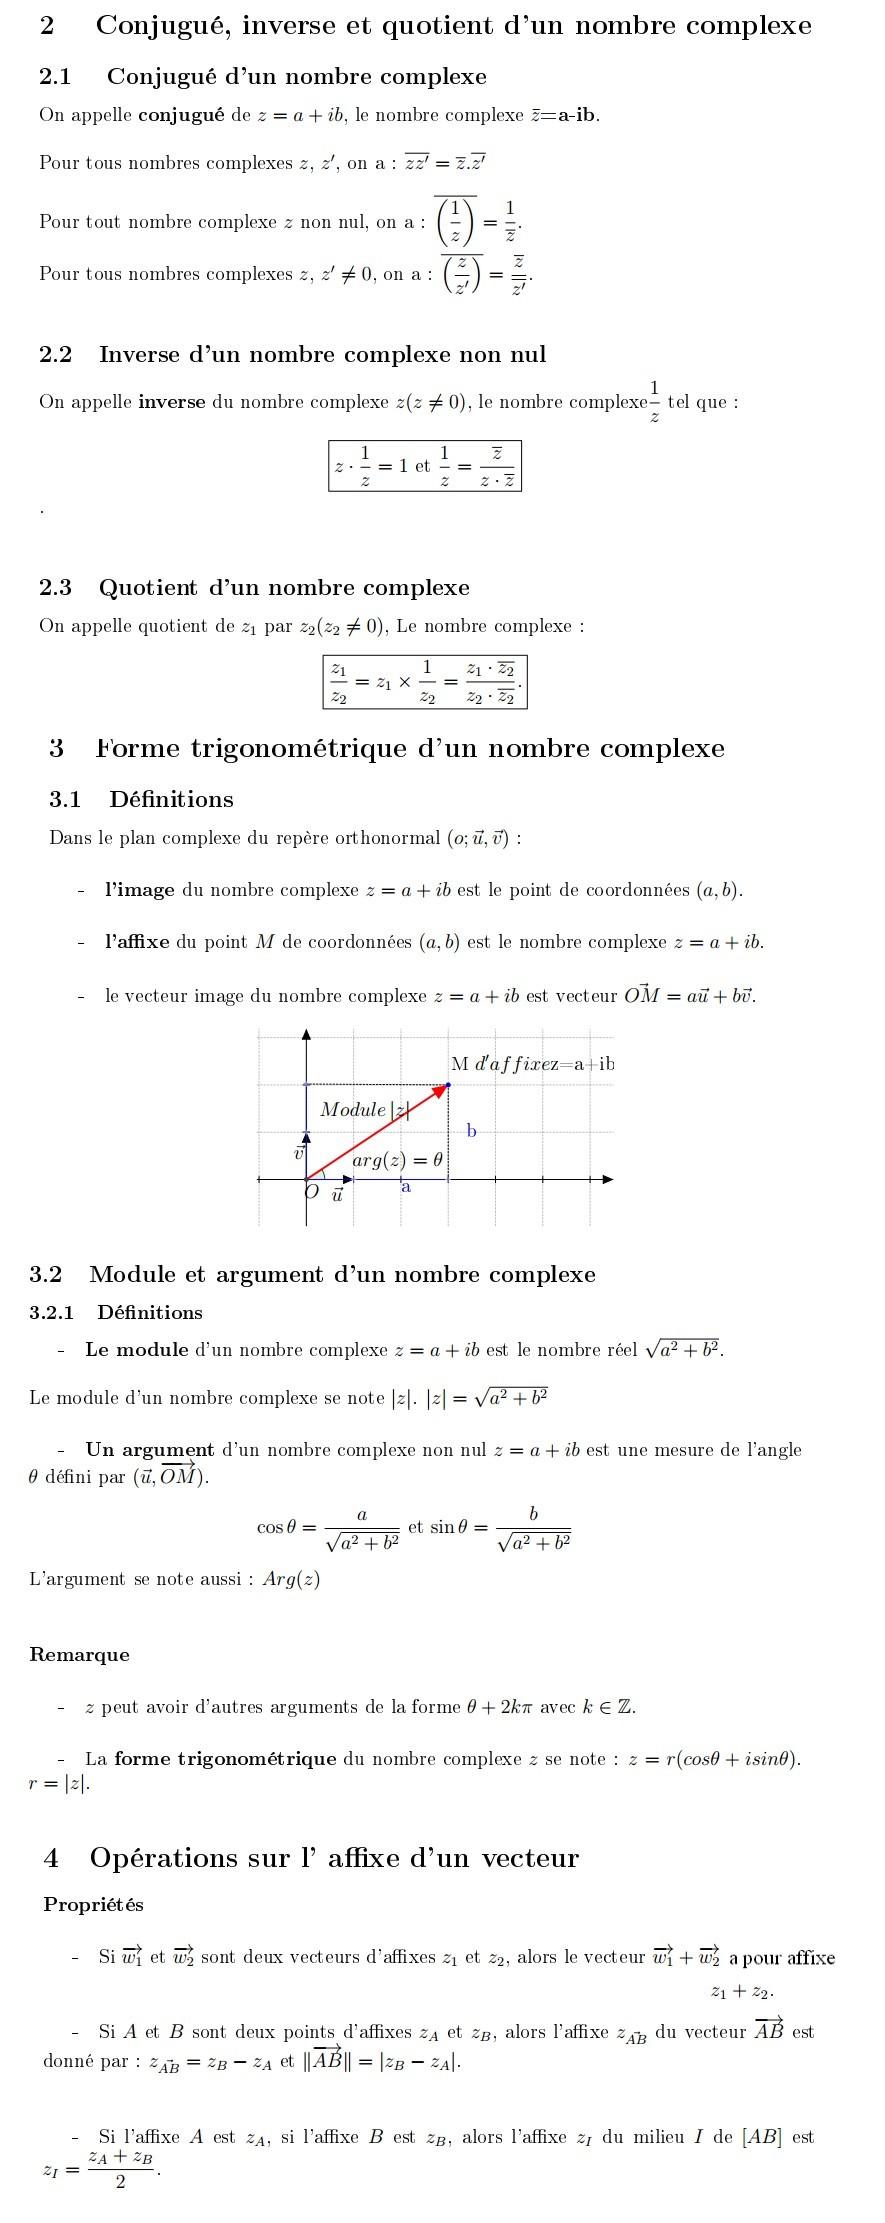 Mathbox Conjugue Inverse Quotient Et Forme Trigonometrique D Un Nombre Complexe